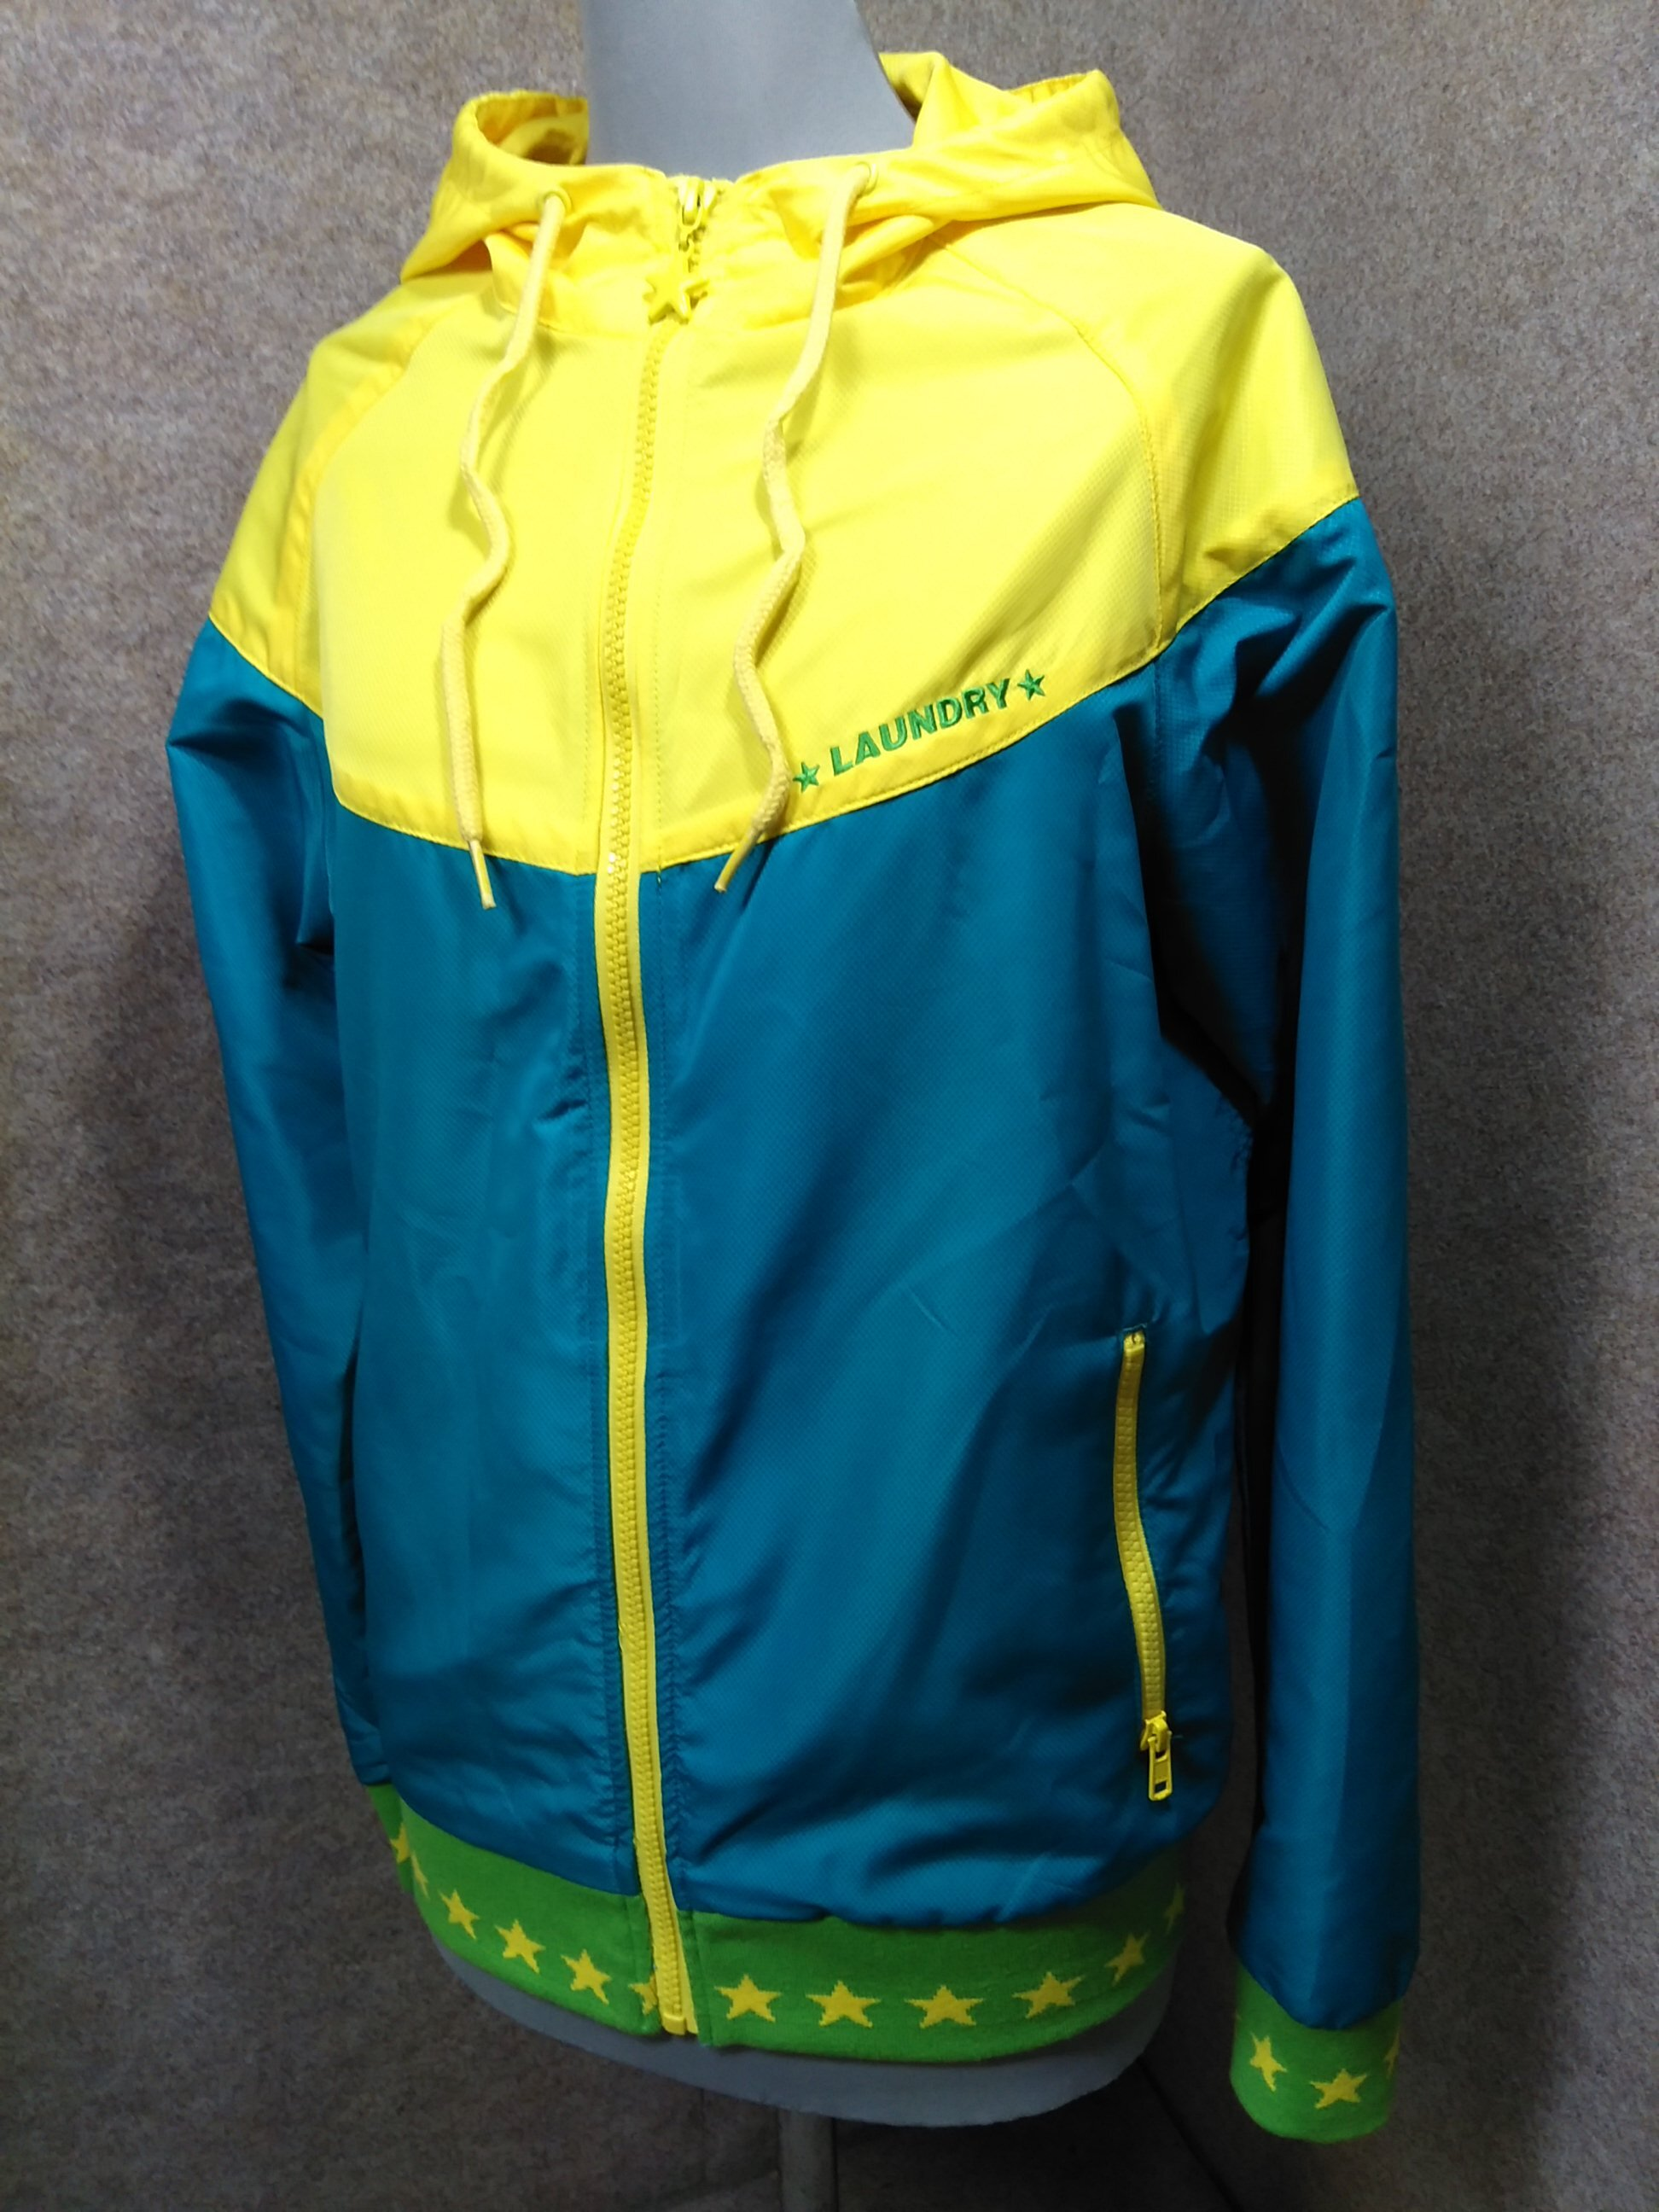 ランドリー Laundry ポリエステル パーカー S 青緑×黄 u1232a